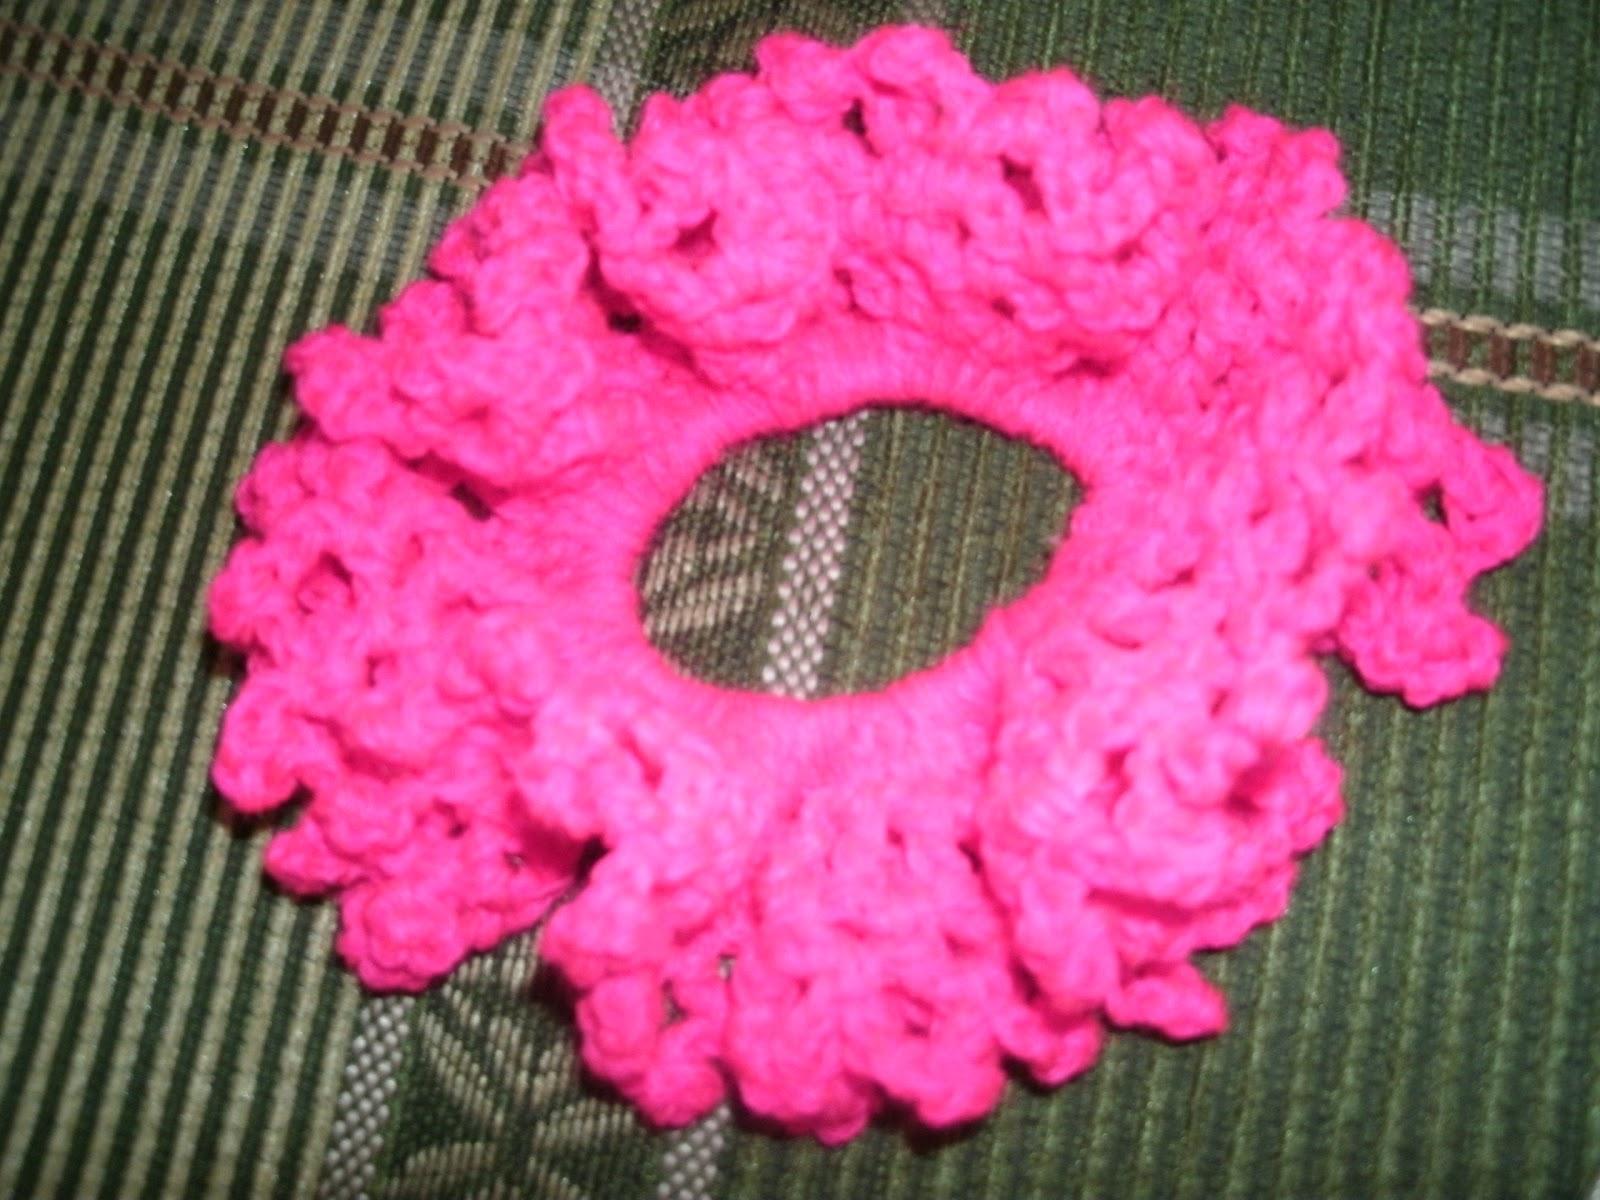 Accesorios para el cabello tejidos a crochet,